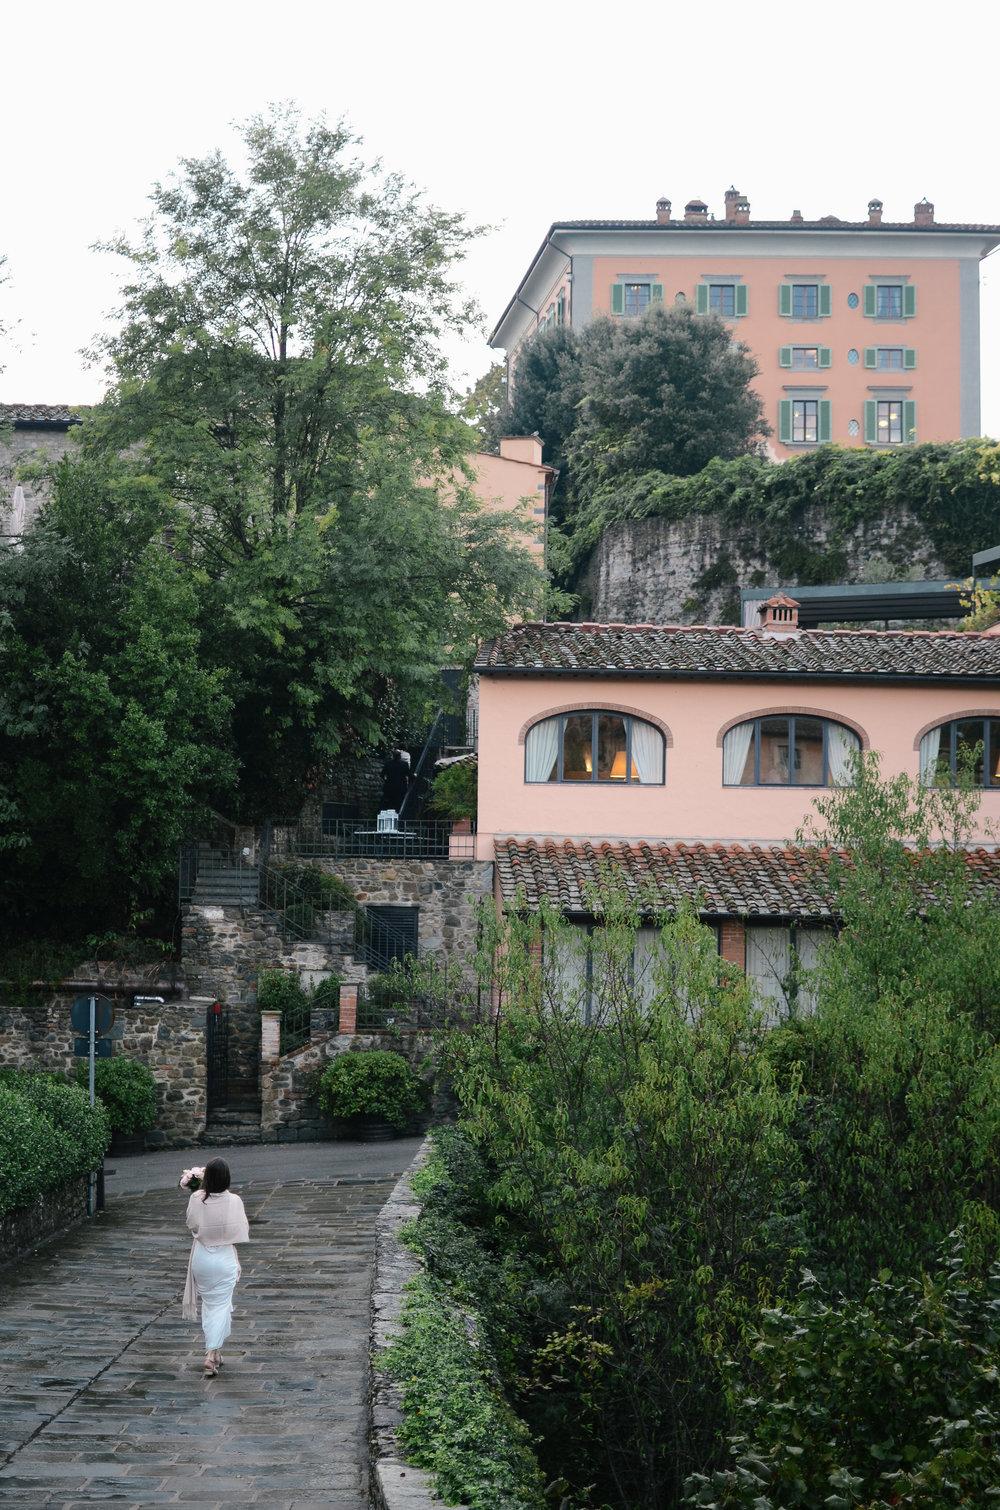 il-borro-toscana-wedding-tuscany-lifeonpine_DSC_1100.jpg